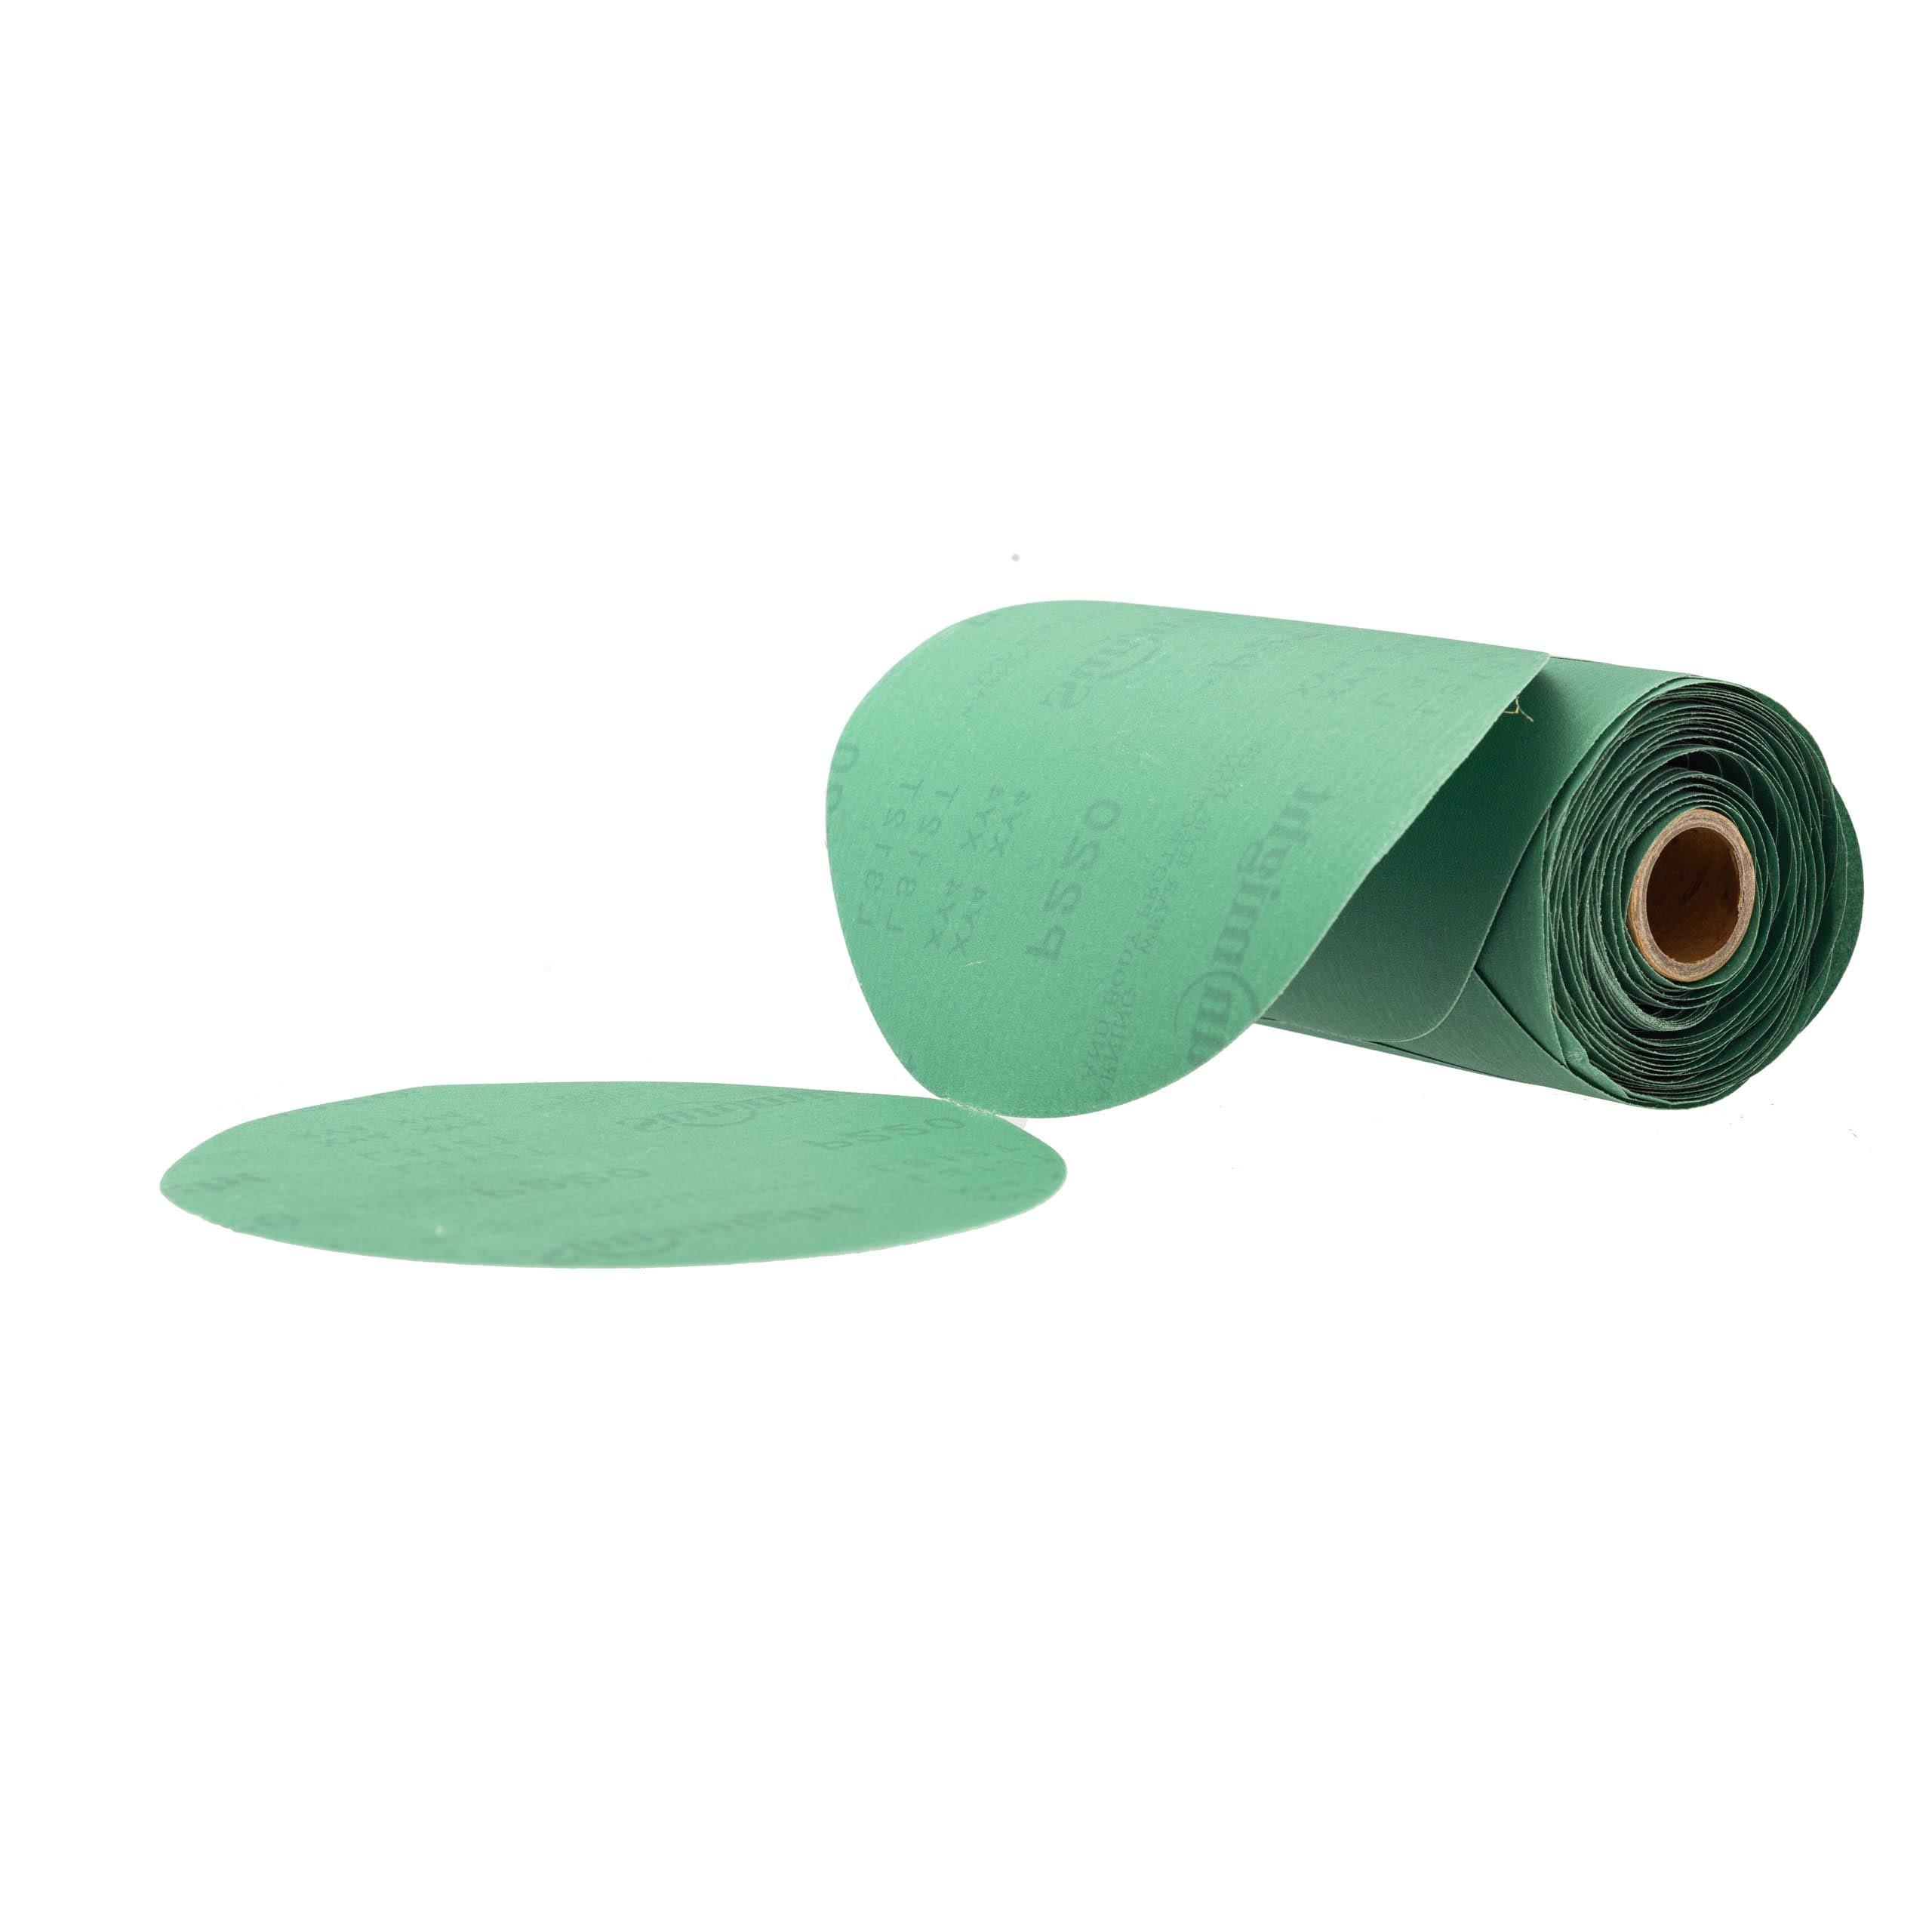 Sunmight 00510 6'' 180 Grit PSA Sanding Discs, 100 Pieces